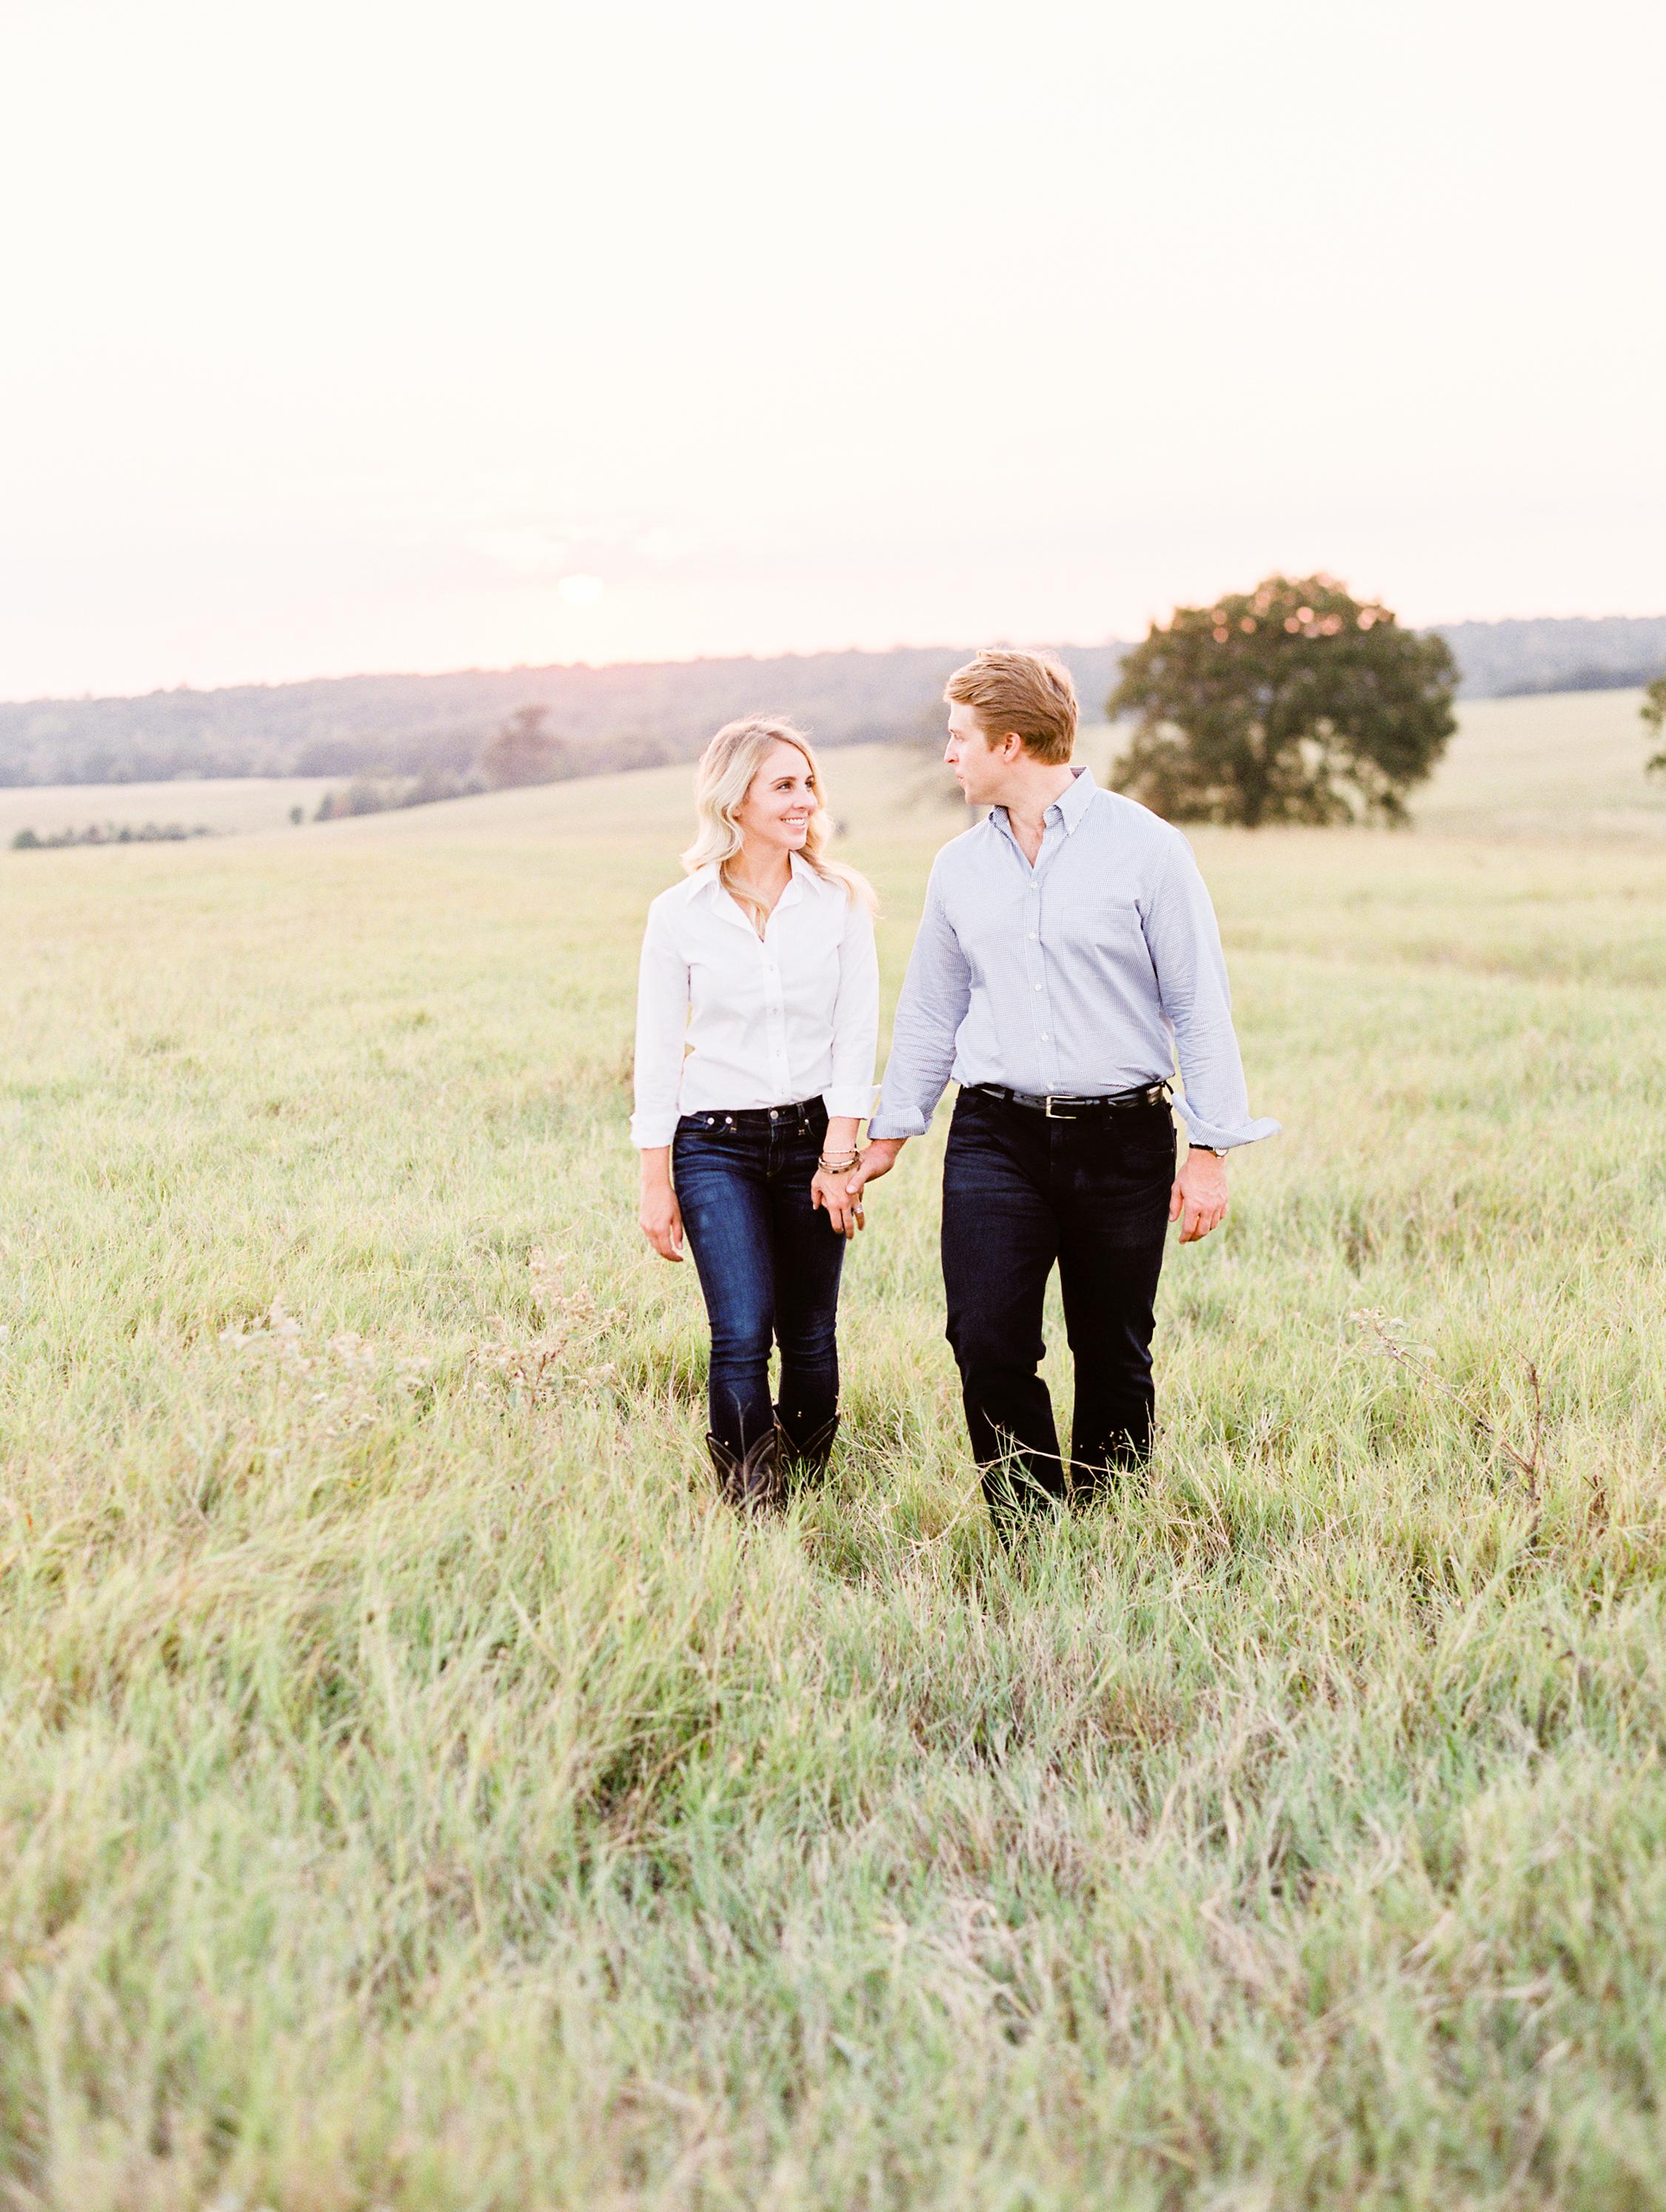 Lauren+John+Engaged+TX-121.jpg